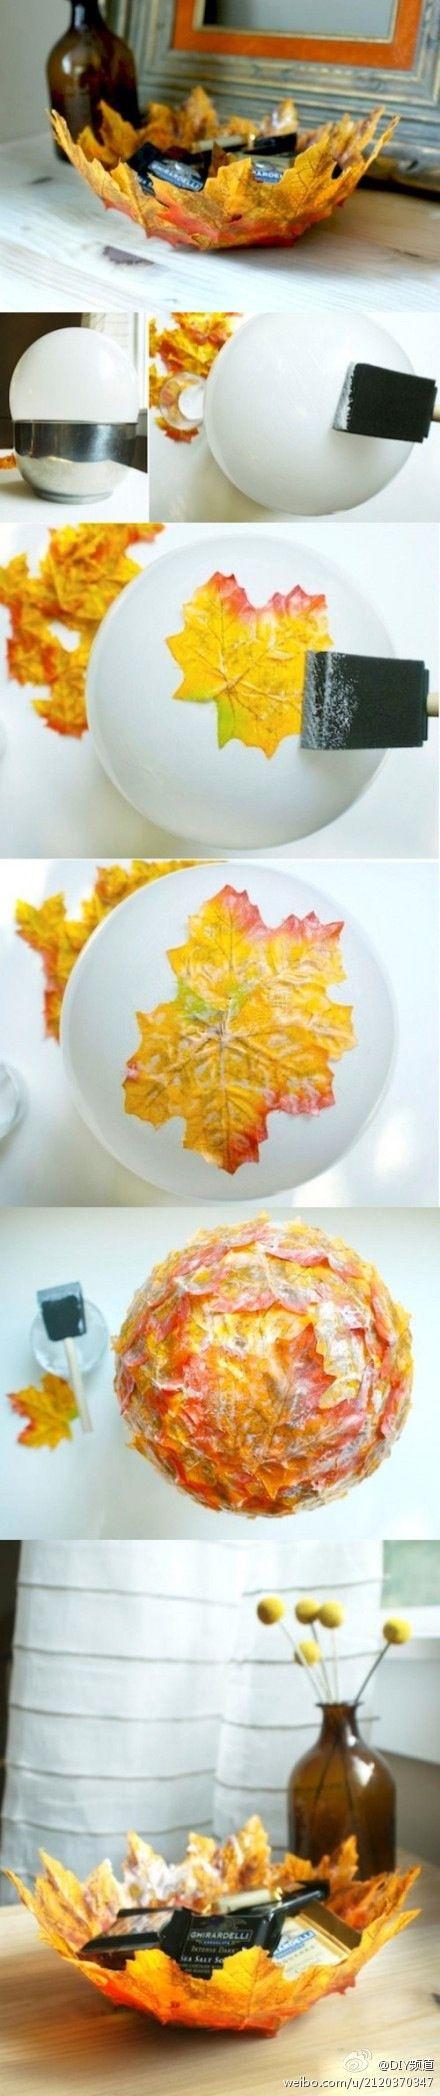 Skål av löv